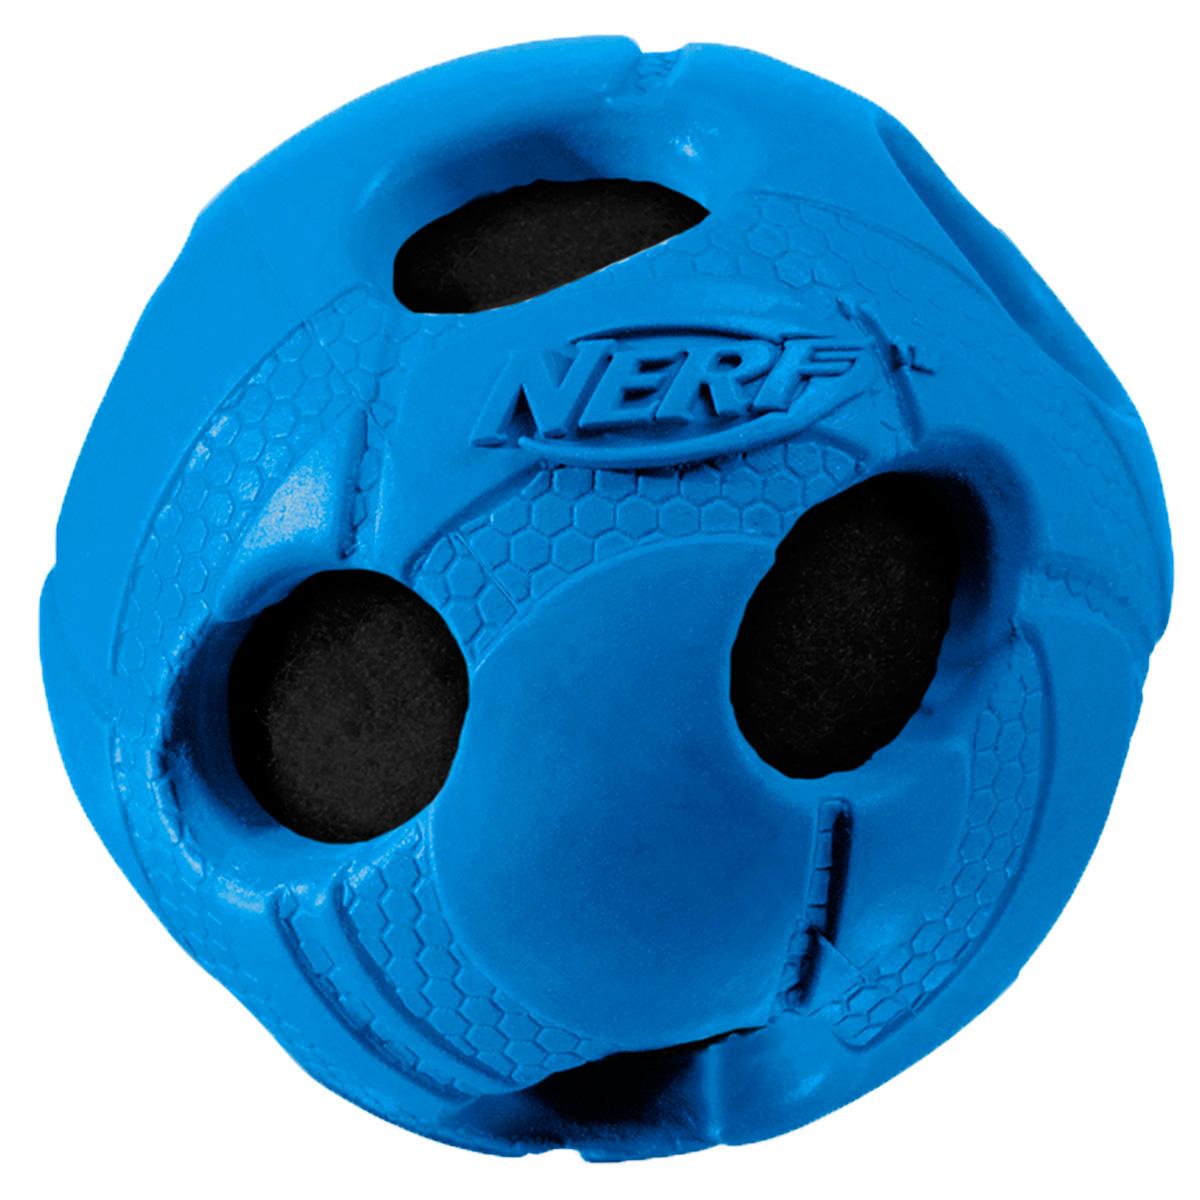 Игрушка для собак Nerf Мяч, с отверстиями, цвет: синий, диаметр 7,5 см22286Мяч Nerf выполнен из прочной резины с теннисным мячом внутри.Высококачественные прочные материалы, из которых изготовлена игрушка, обеспечивают долговечность использования.Звук мяча дополнительно увлекает собаку игрой.Яркие привлекательные цвета и рельефный рисунок привлекут внимание.Размер: 7,5 см.